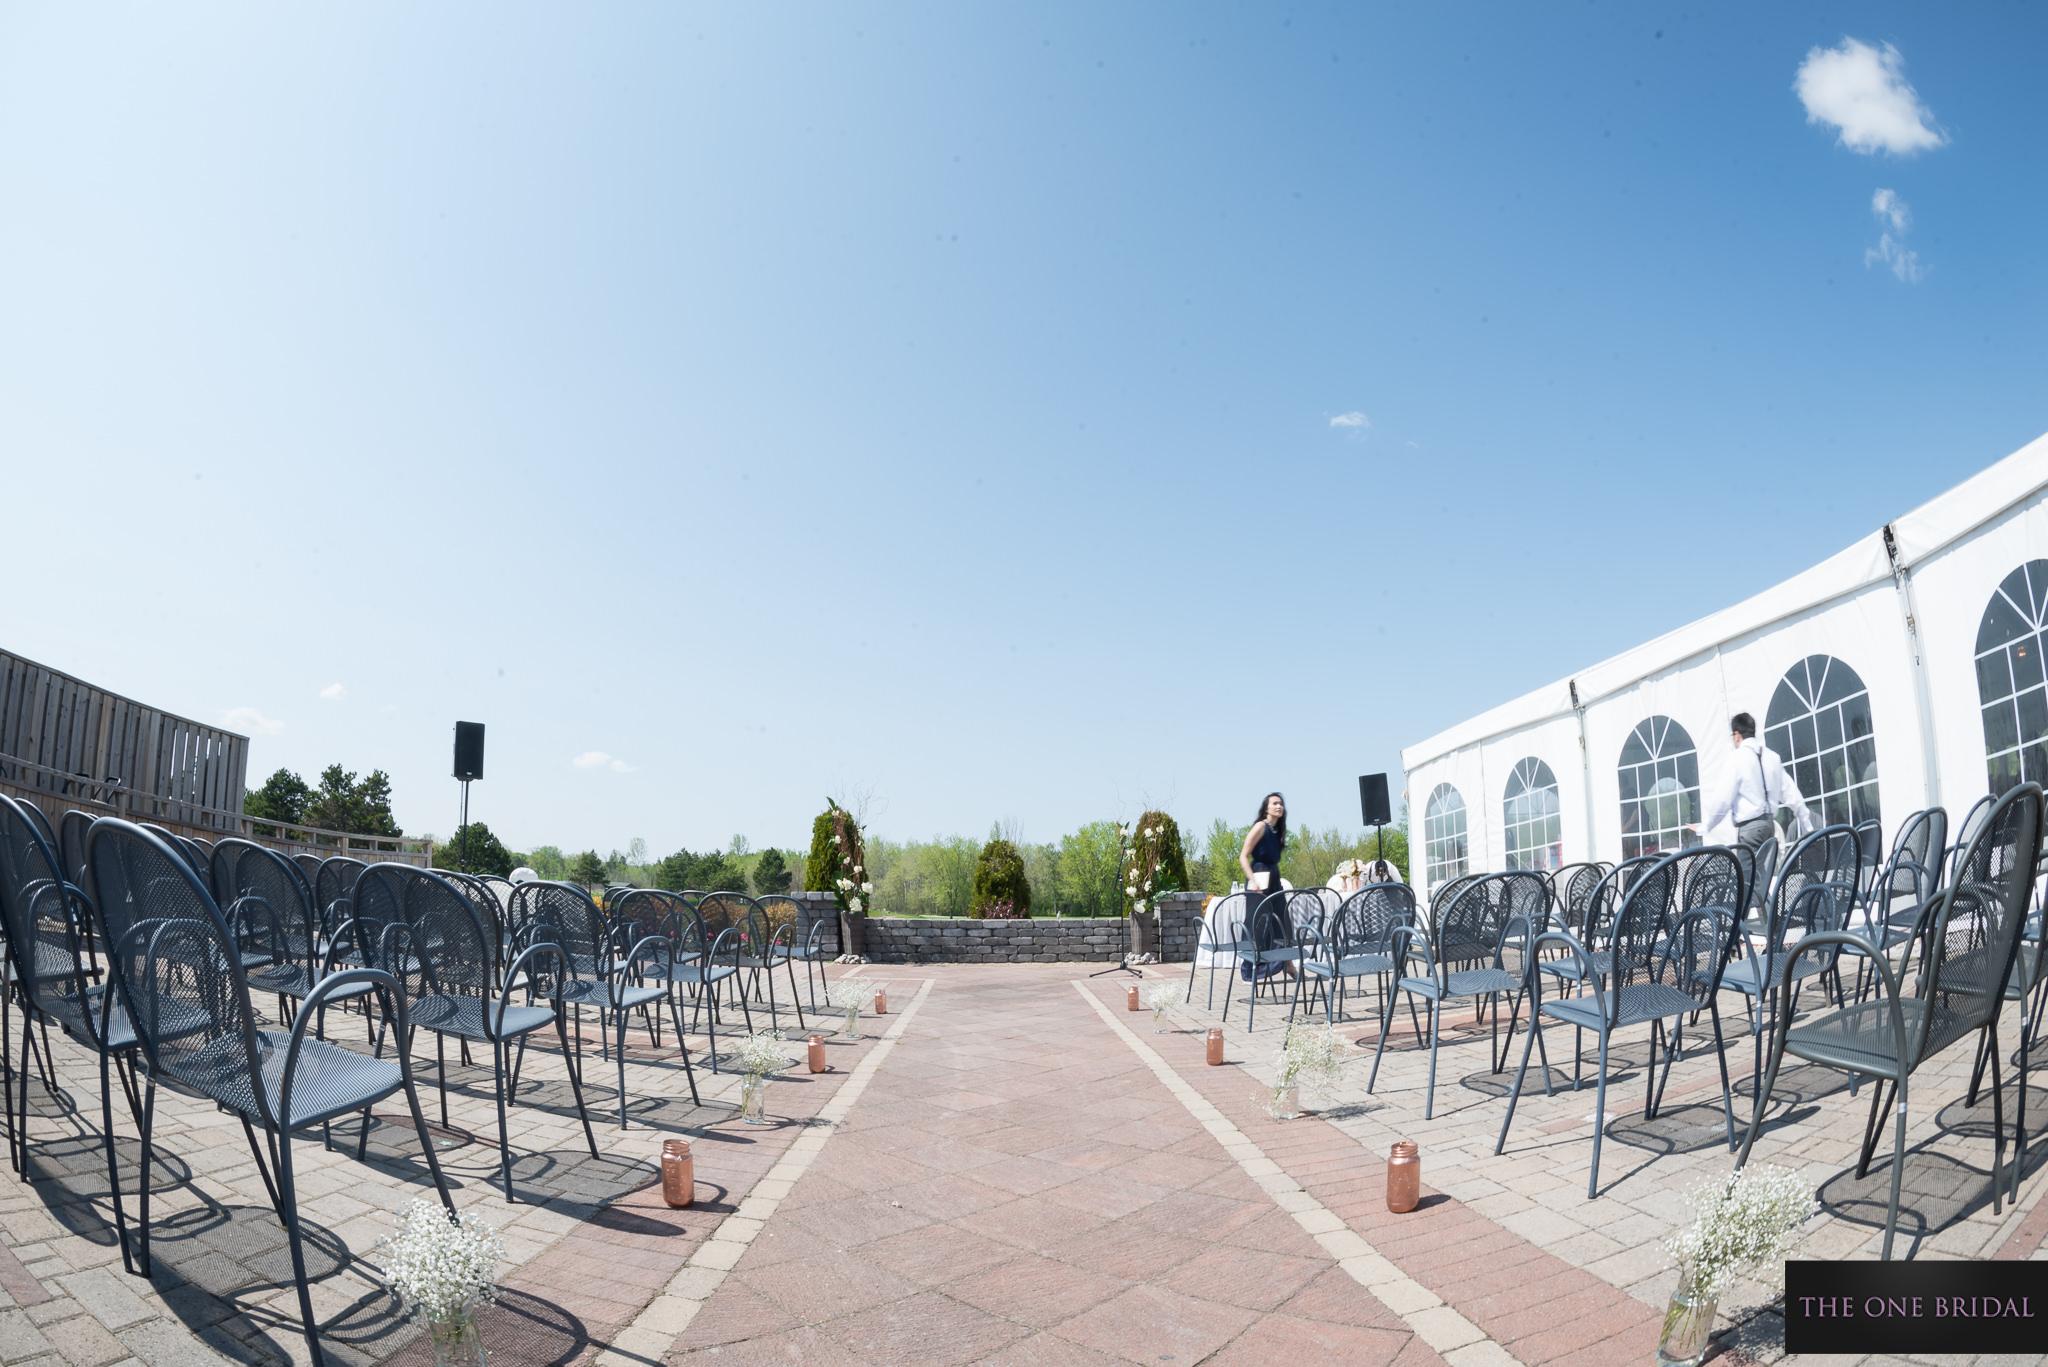 mandarin-golf-club-wedding-markham-the-one-bridal-100